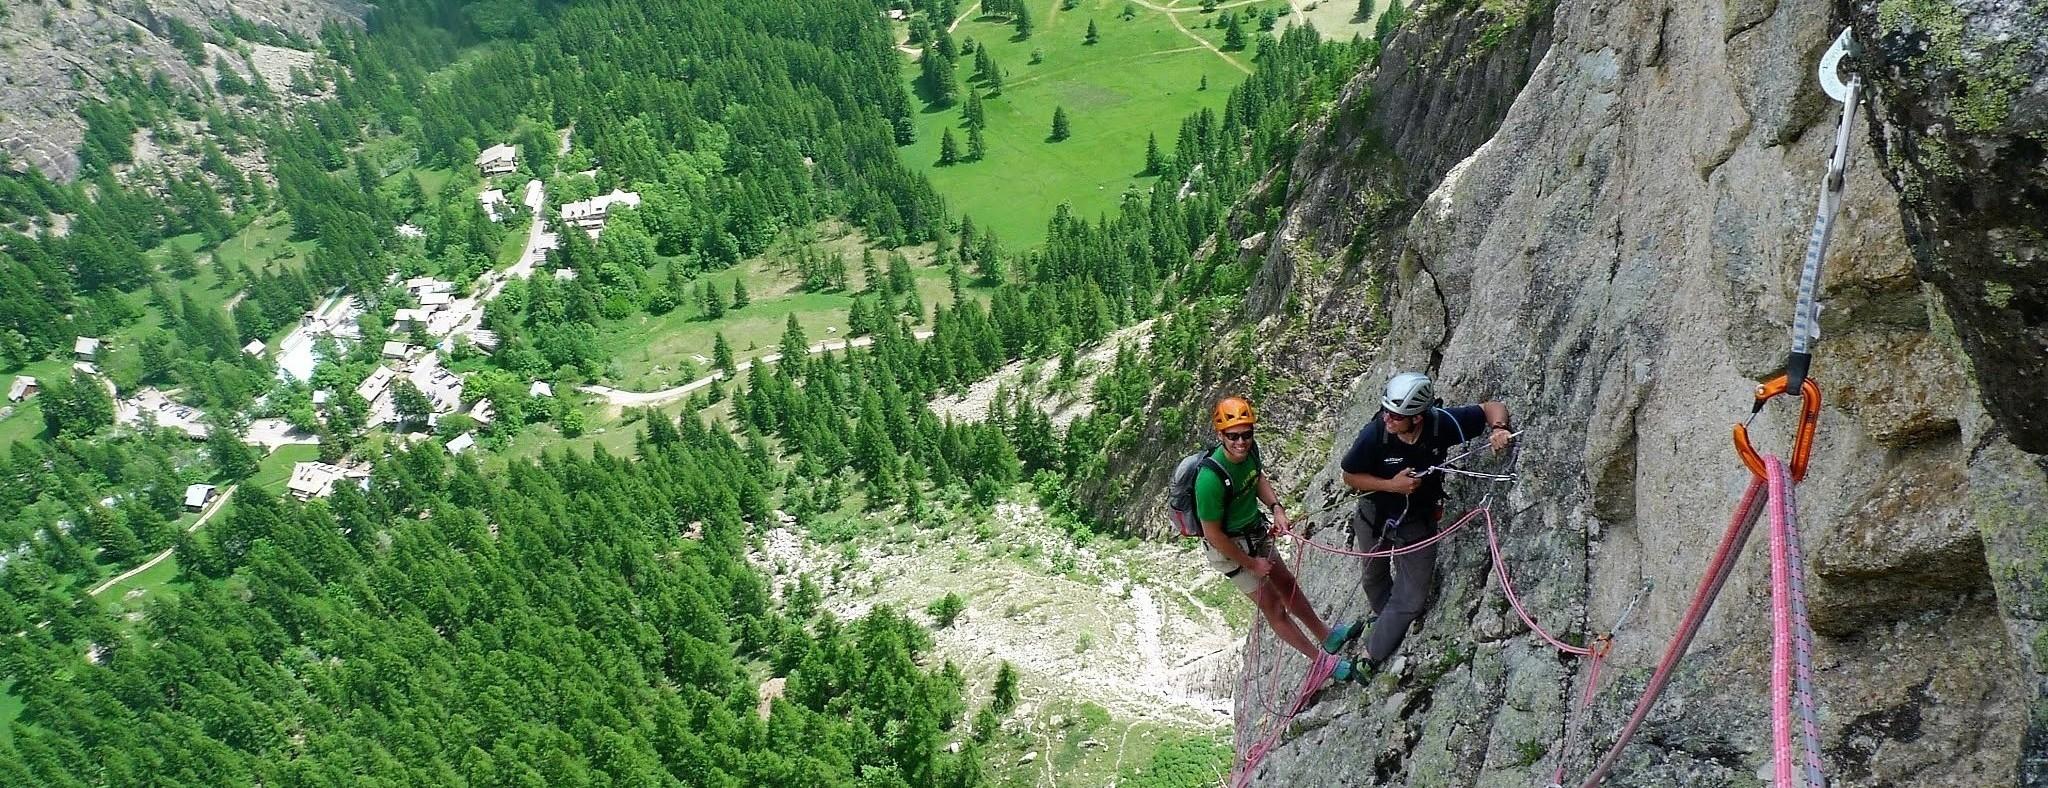 Alpinisme, grande voie, canyoning dans les Hautes Alpes, les Écrins et le Queyras l'été!